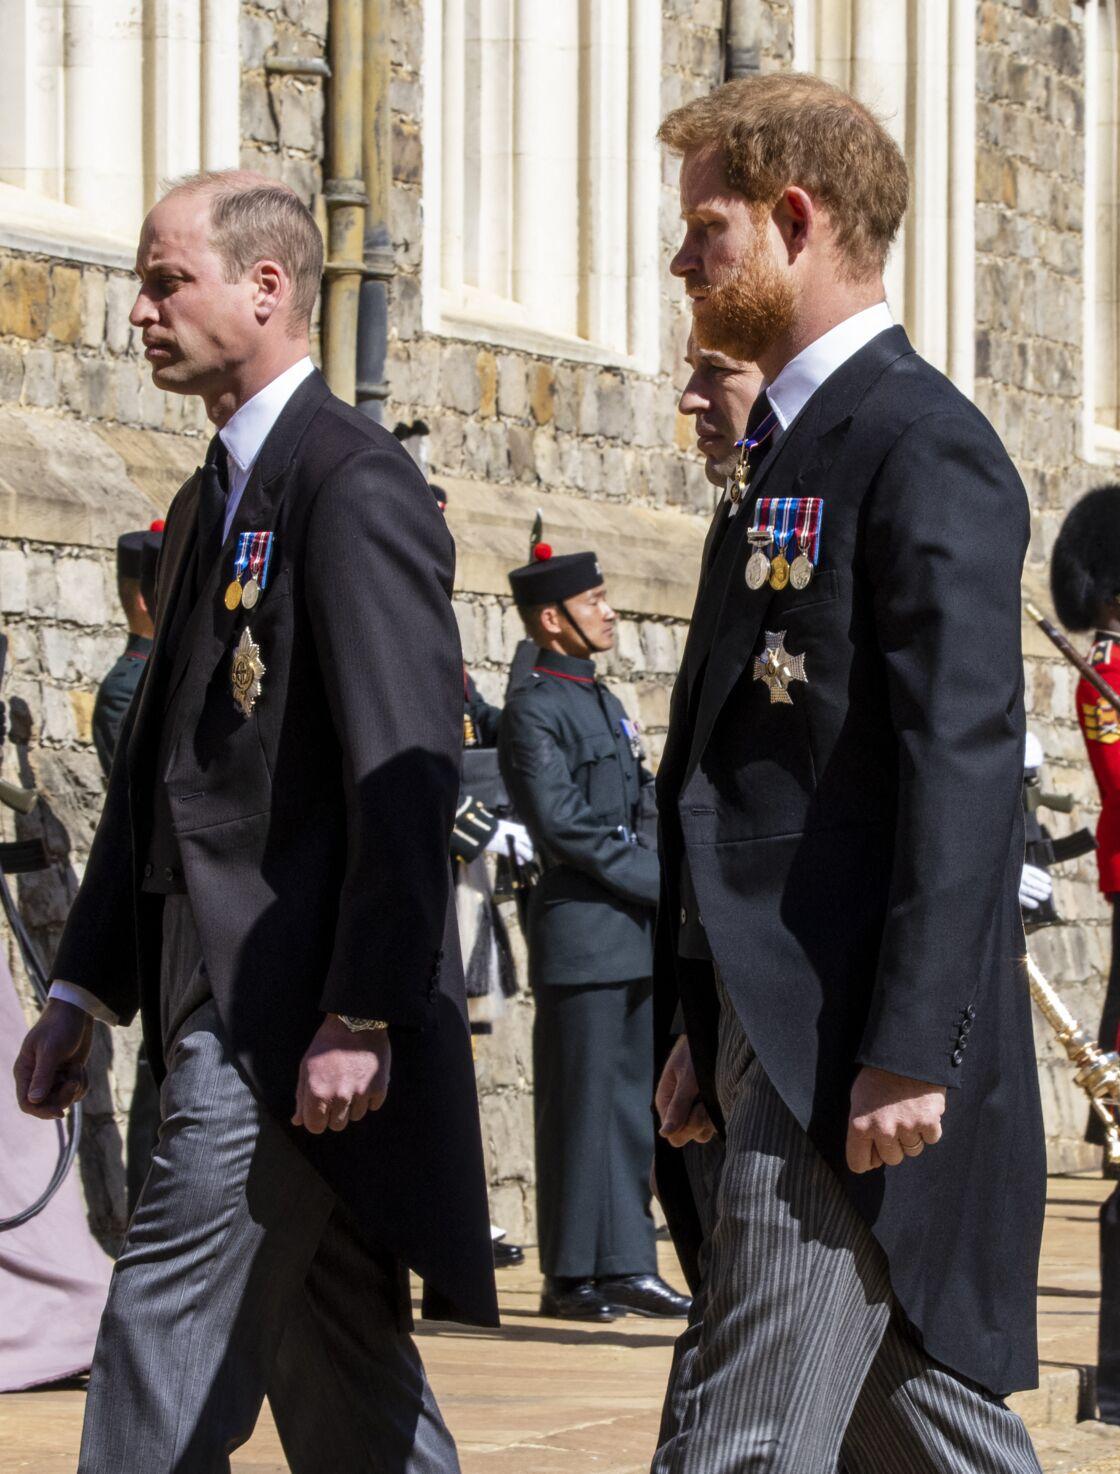 Les relations du prince Harry avec son frère et son père sont glaciales